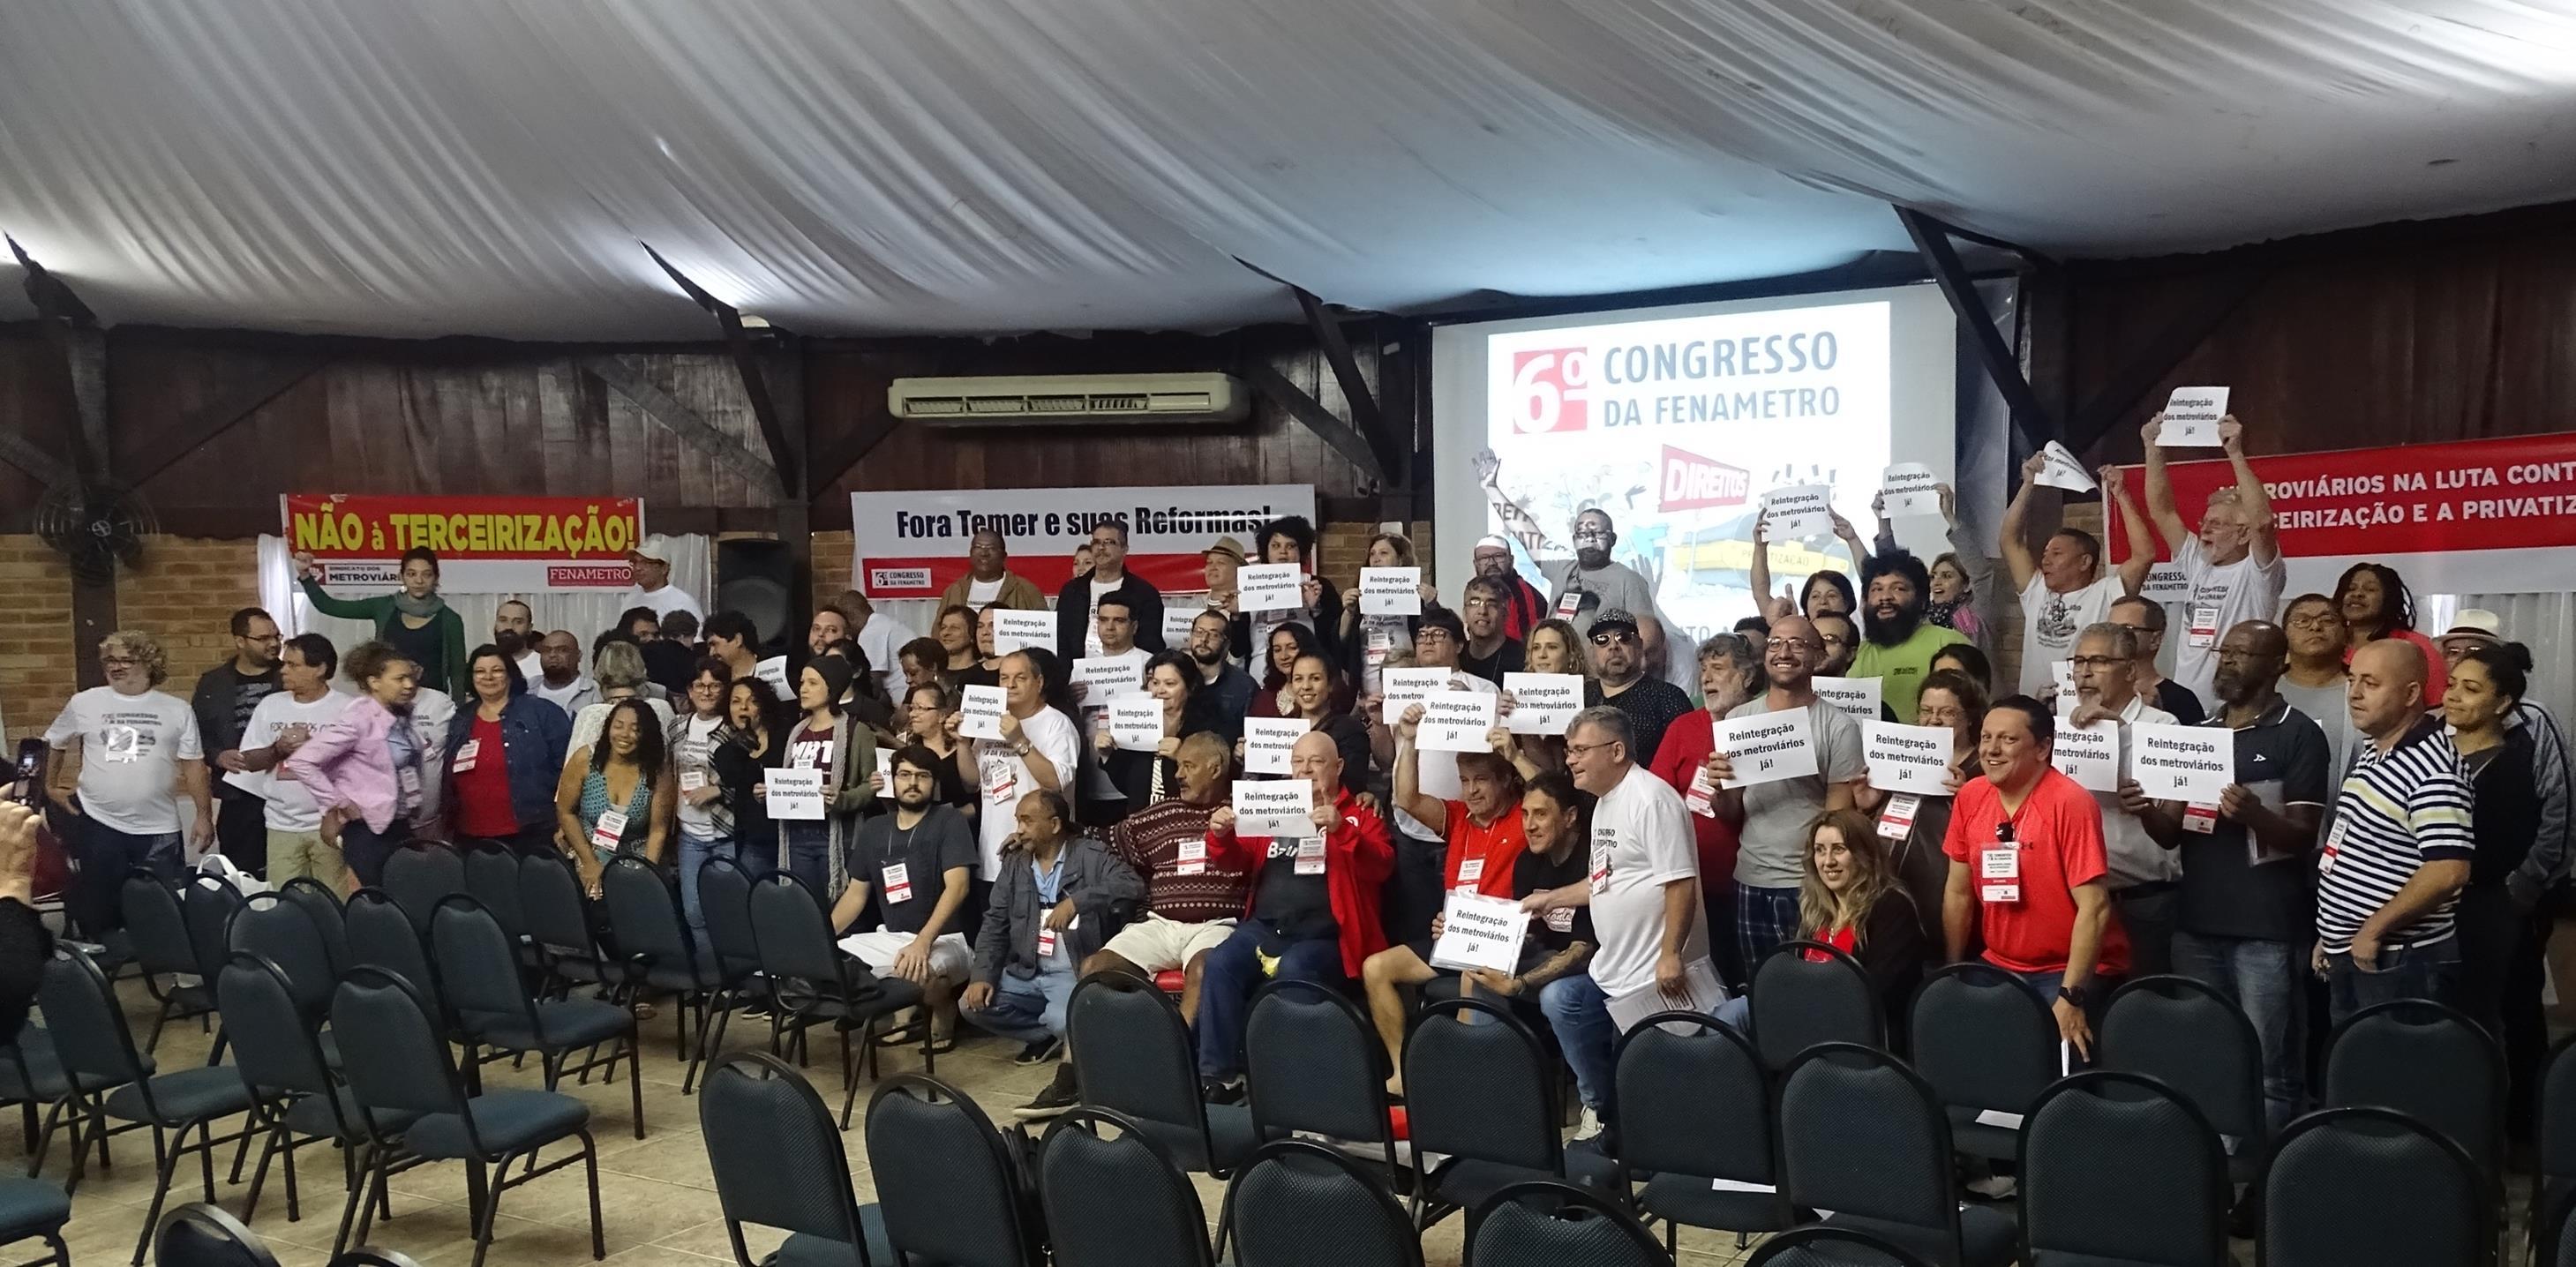 Metroviários de todo país pedem a reintegração dos metroviários demitidos